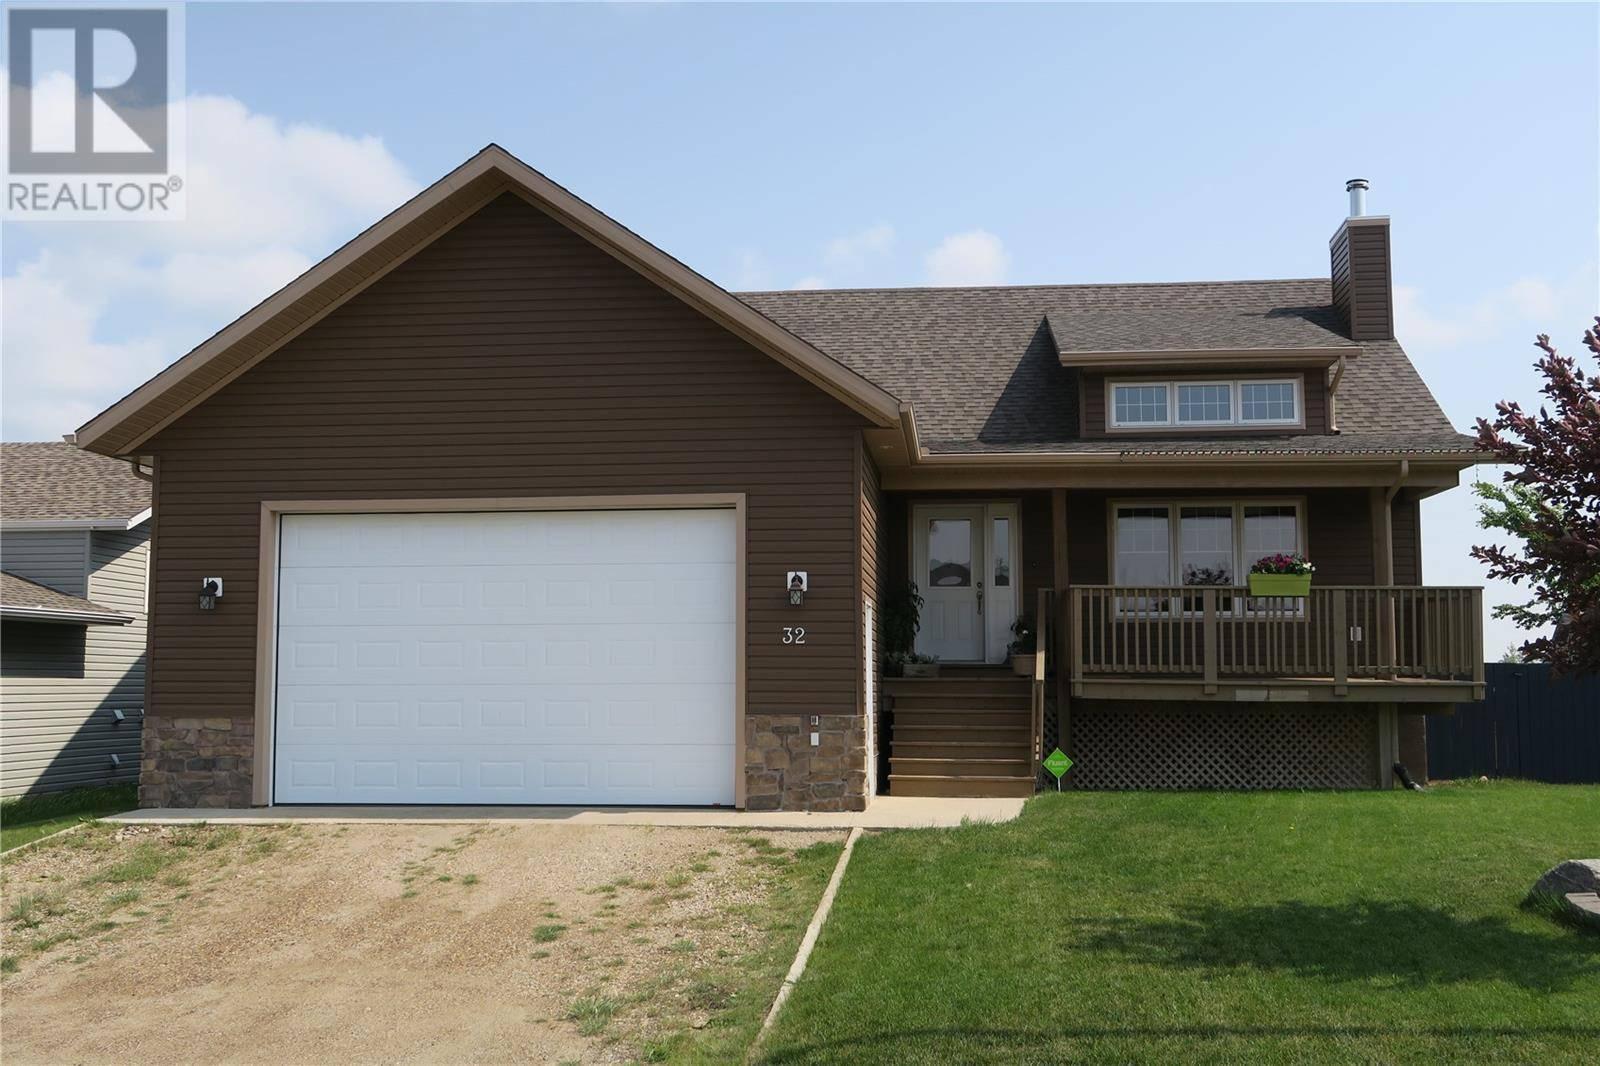 House for sale at 32 Poplar Cres Birch Hills Saskatchewan - MLS: SK779715